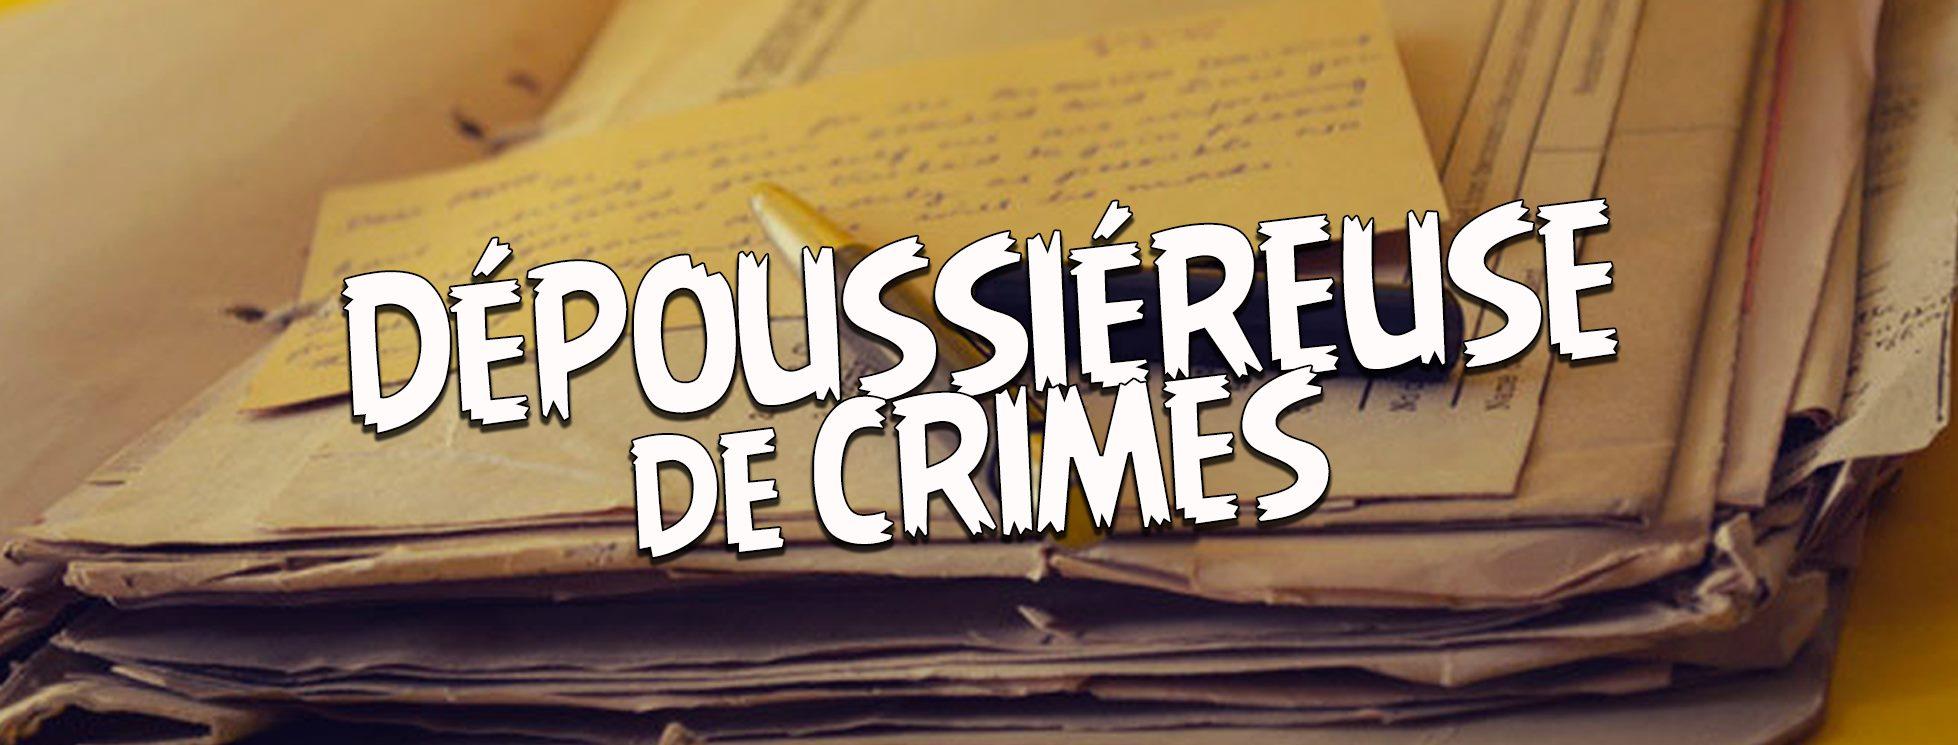 Dépoussiéreuse de crimes